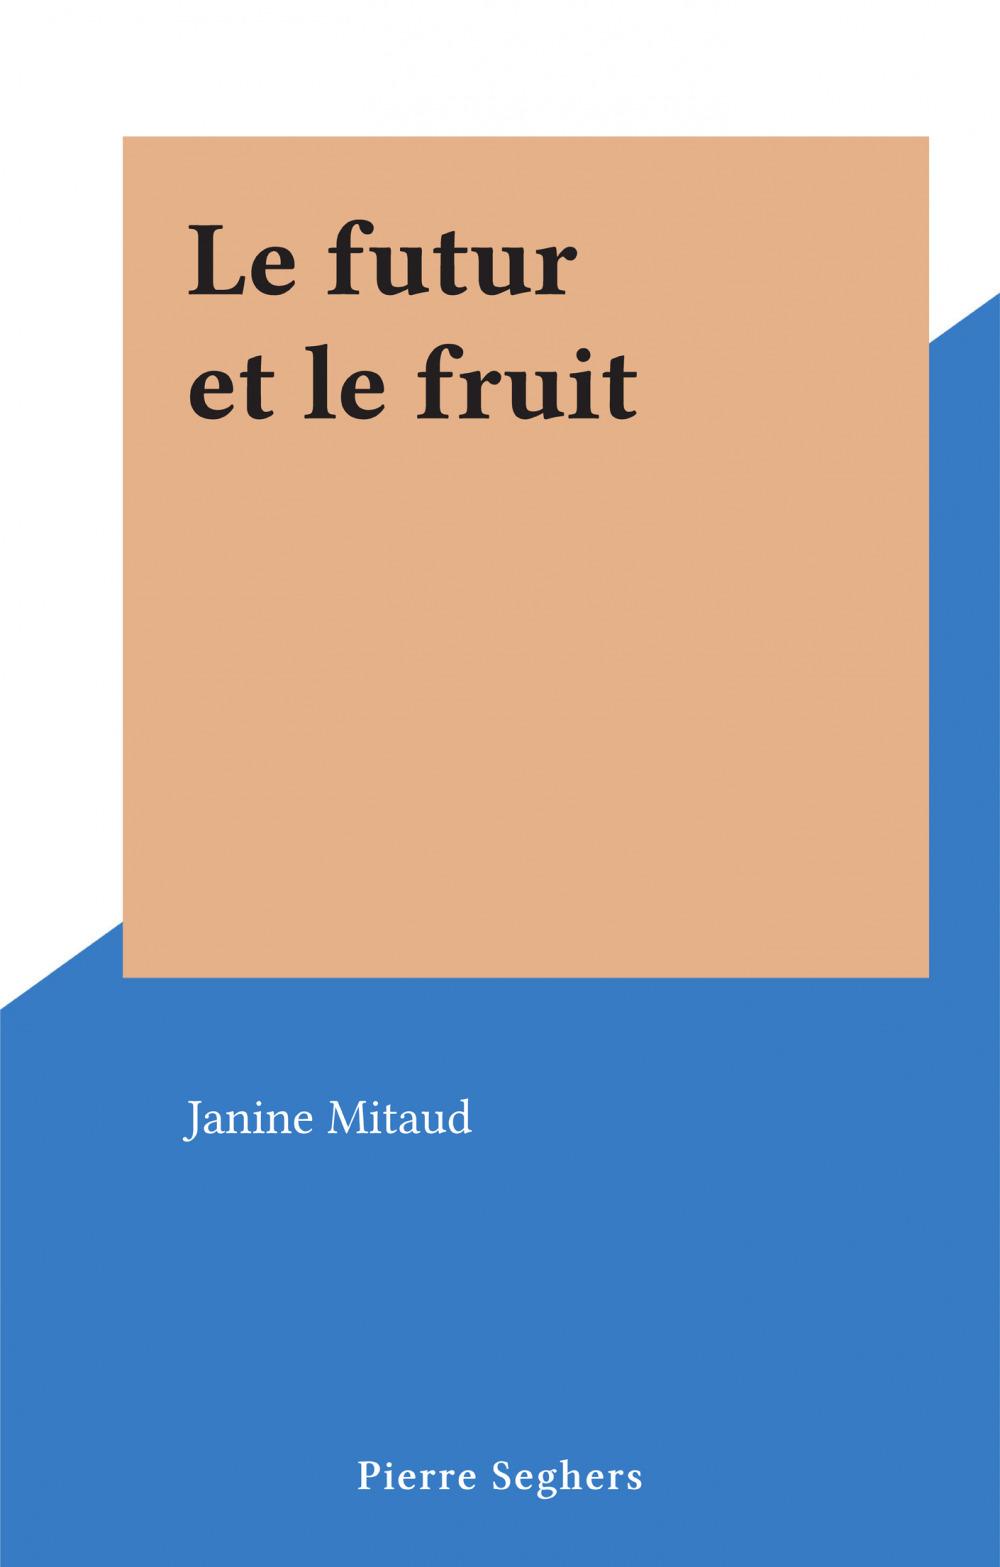 Le futur et le fruit